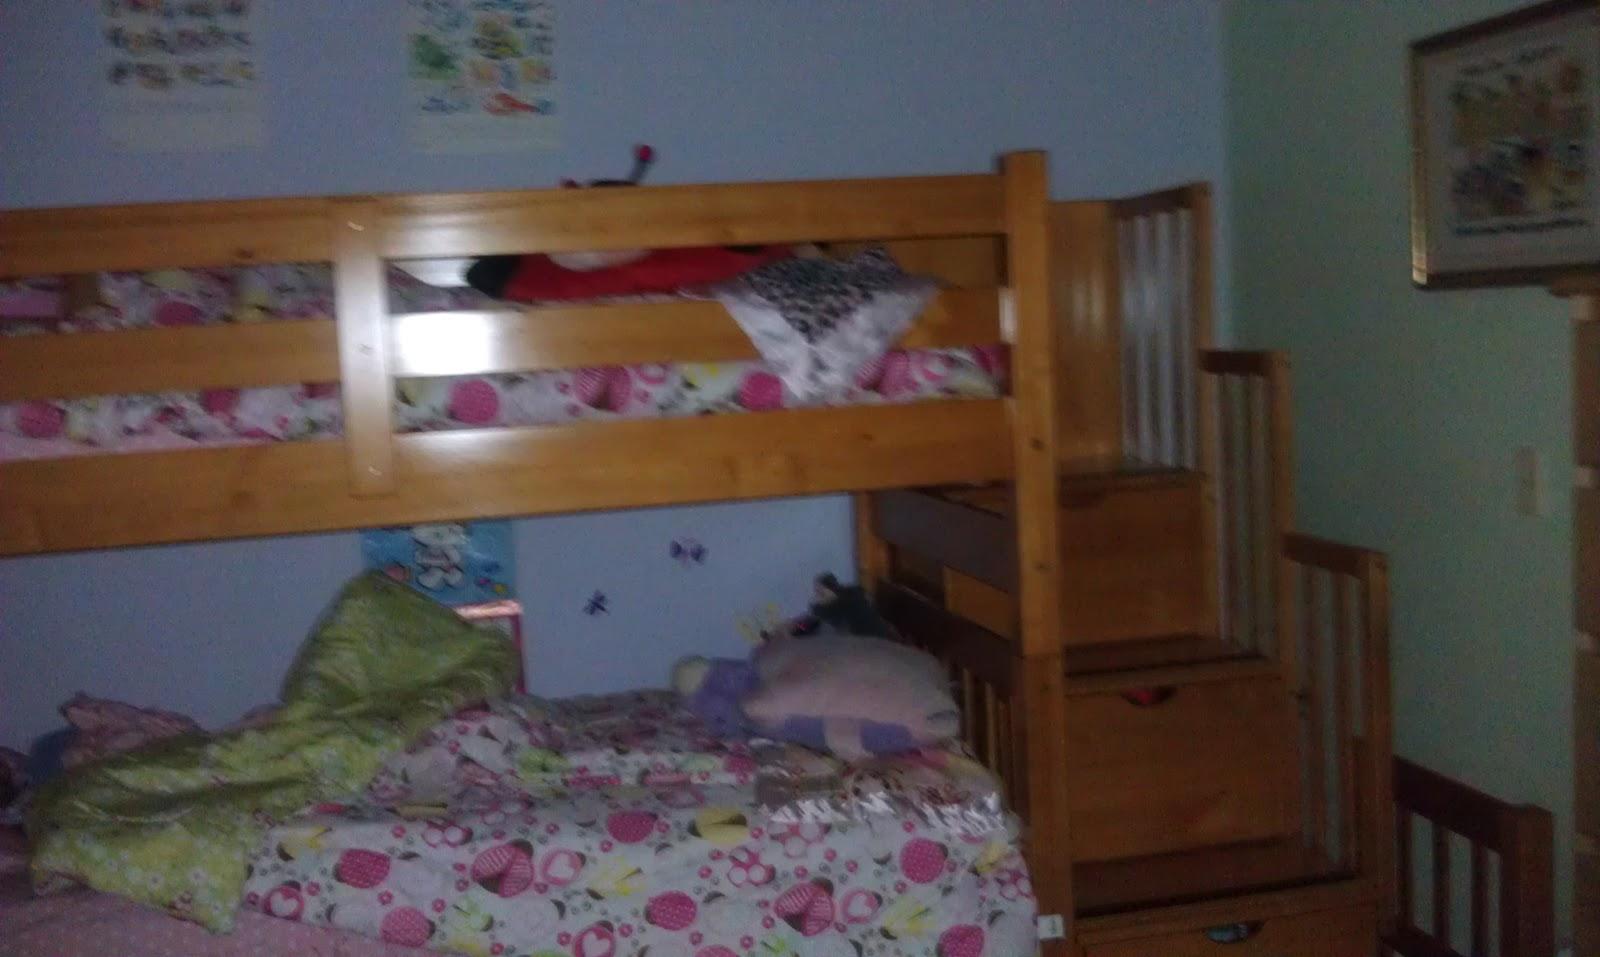 Vintage Big Beds For The Little Girls